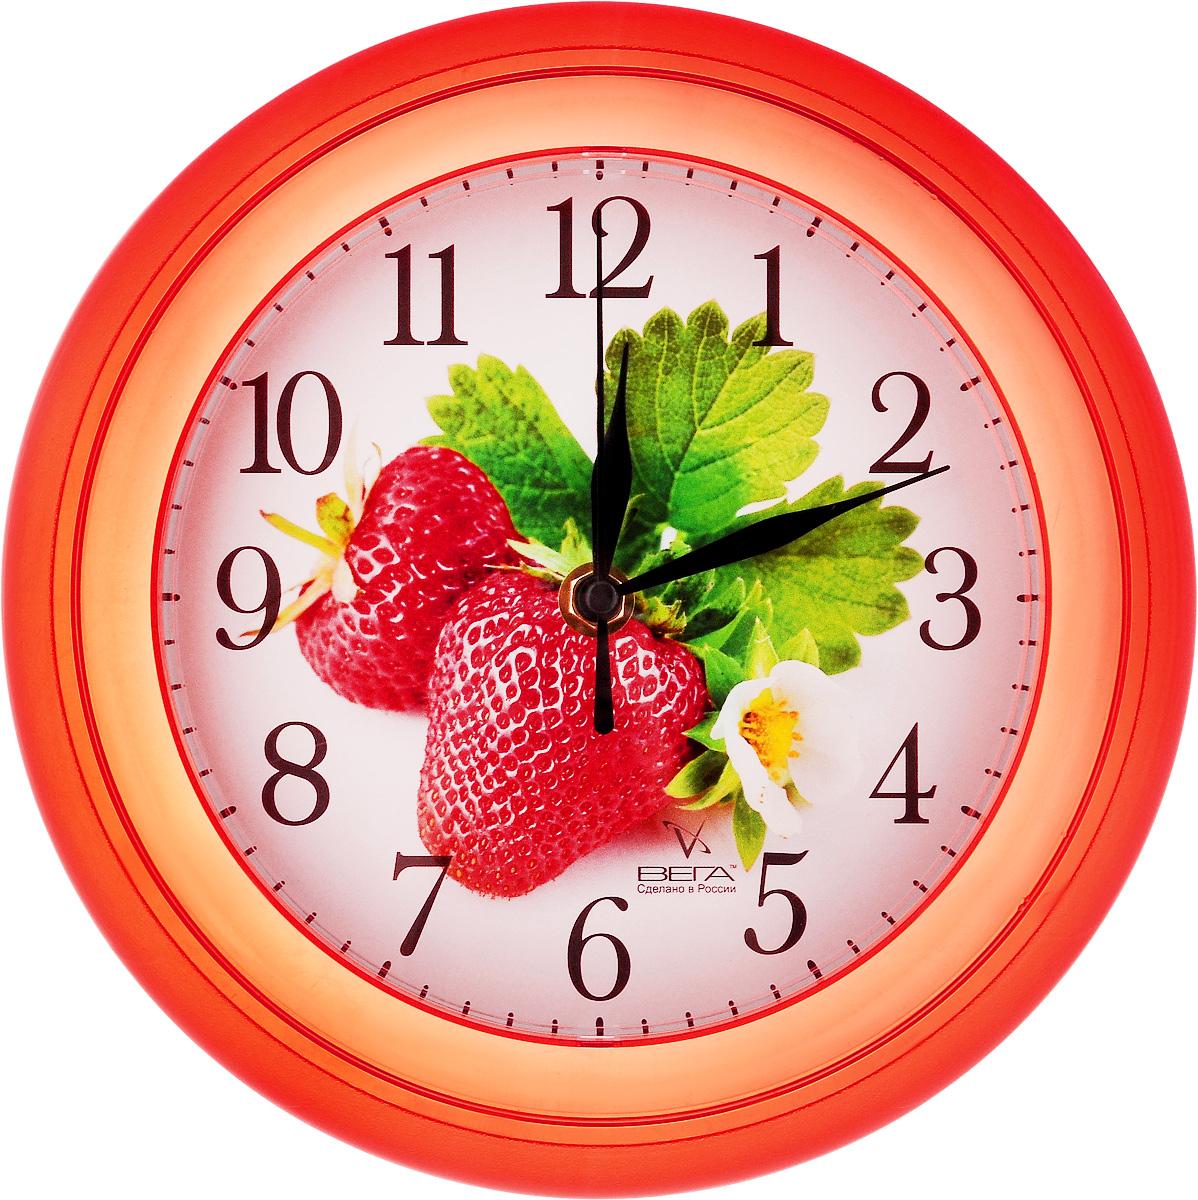 Часы настенные Вега Клубника, диаметр 22,5 смП6-1-101Настенные кварцевые часы Вега Клубника, изготовленные из пластика, прекрасно впишутся в интерьер вашего дома. Круглые часы имеют три стрелки: часовую, минутную и секундную, циферблат защищен прозрачным стеклом. Часы работают от 1 батарейки типа АА напряжением 1,5 В (не входит в комплект). Диаметр часов: 22,5 см.